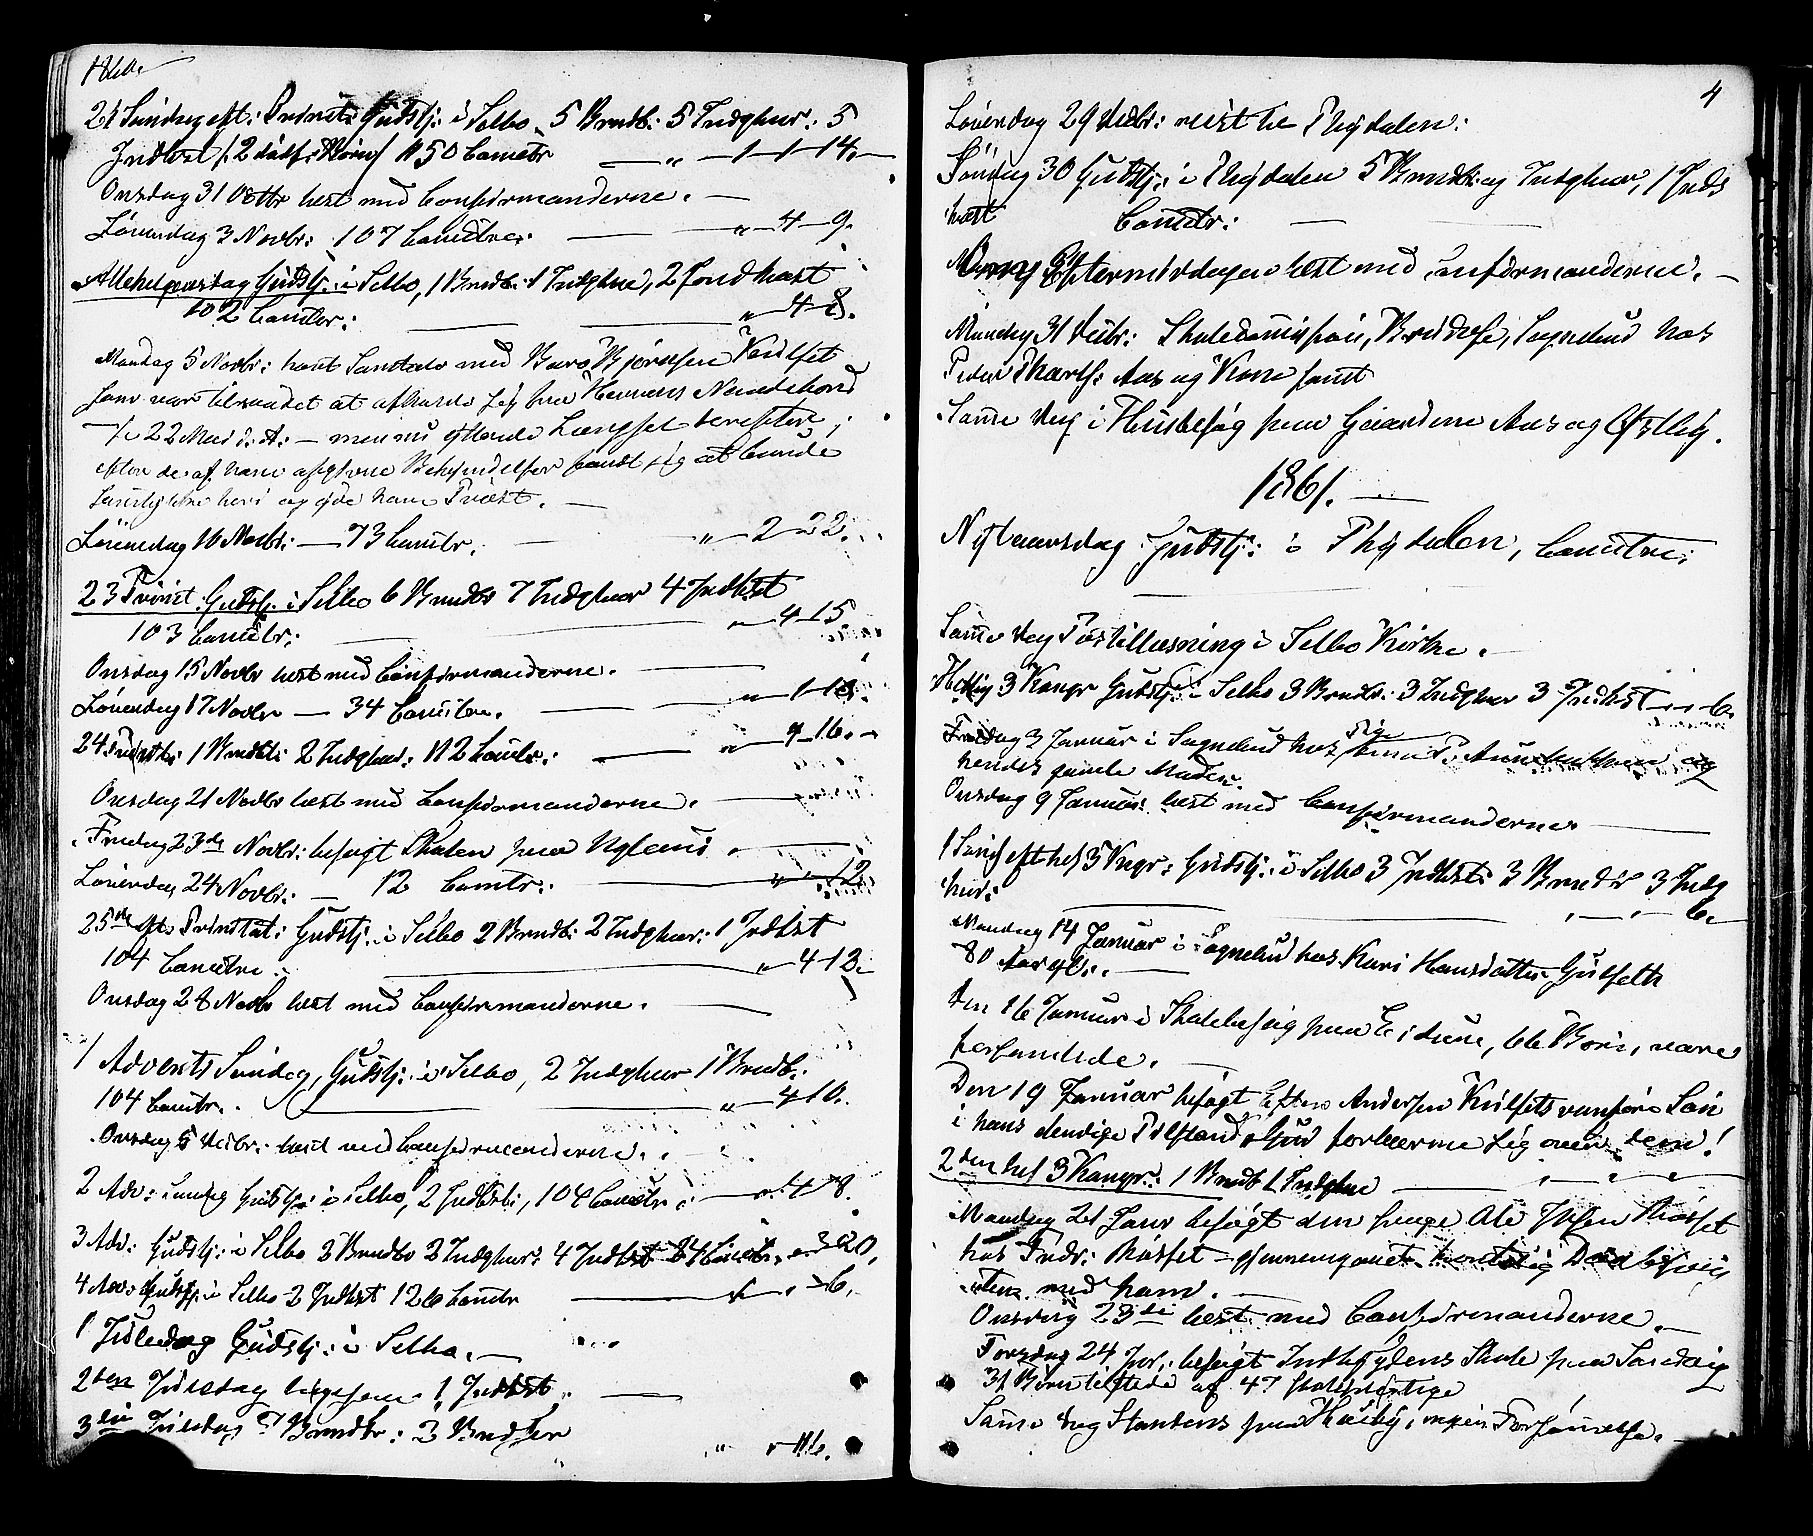 SAT, Ministerialprotokoller, klokkerbøker og fødselsregistre - Sør-Trøndelag, 695/L1147: Ministerialbok nr. 695A07, 1860-1877, s. 4